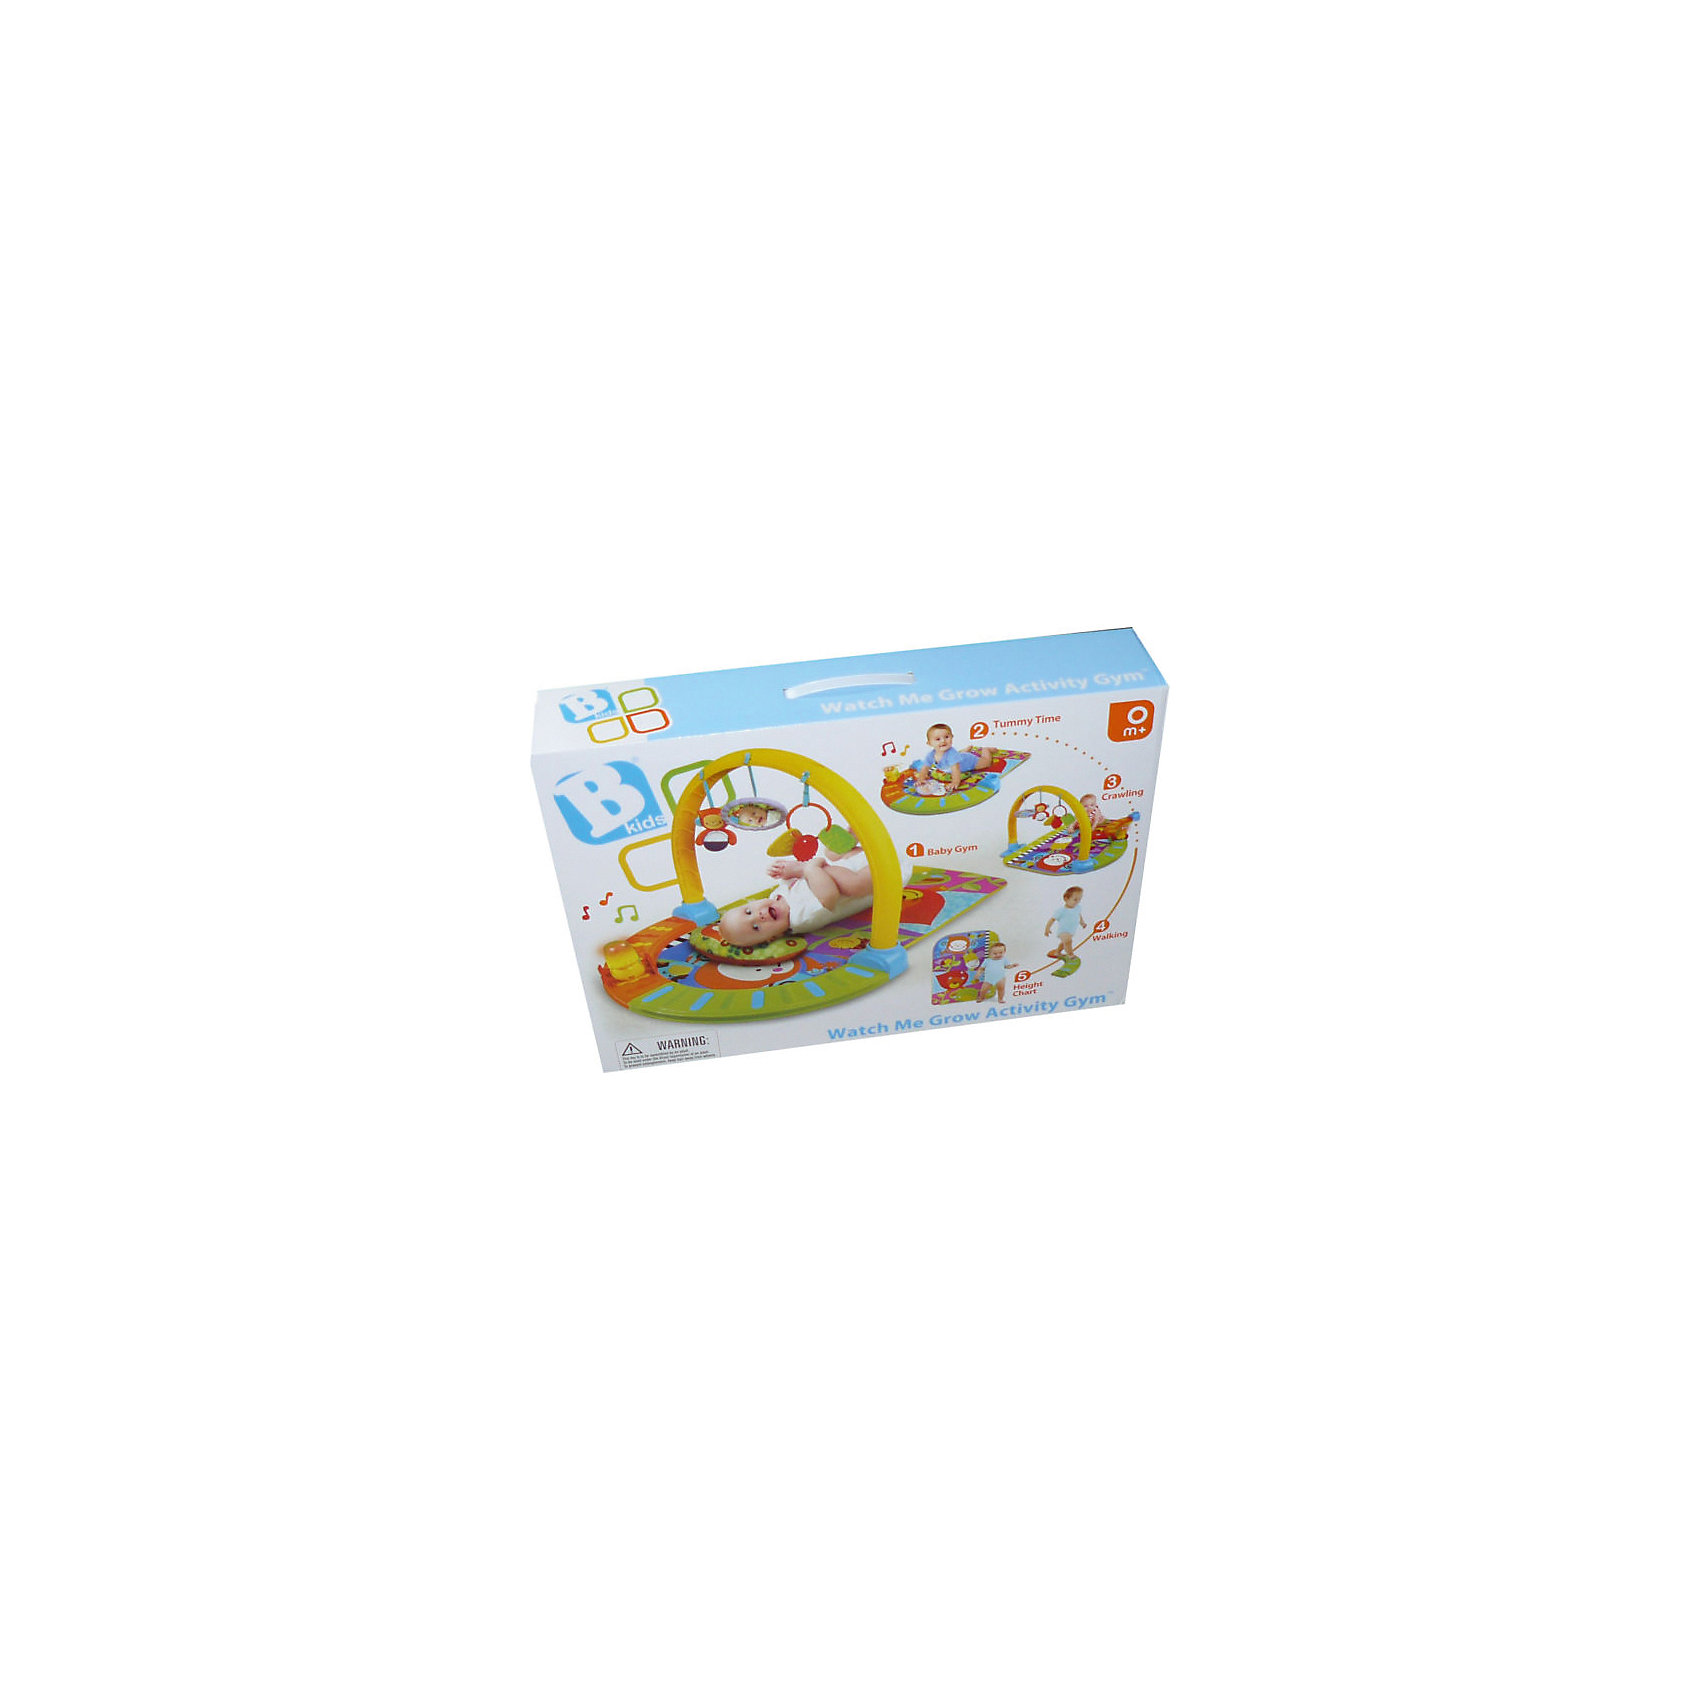 Развивающий коврик с эффектами, BkidsРазвивающий коврик с эффектами, Bkids (Б Кидс) - универсальная игрушка для самых маленьких. Коврик предполагает 5 возможностей использования с учетом возраста ребенка.<br><br>Особенности:<br>- лежа на спине малыш сможет рассматривать и хватать игрушки, подвешенные на дуге<br>- лежа на животе малыш сможет следить за двигающейся гусеницей со звуковыми и световыми эффектами<br>- сидя кроха сможет изучить все цвета, картинки и игрушки коврика<br>- малыш может повторить путешествие гусеницы, ползая по дорожке<br>- вы может измерить рост крохи с помощью ростомера на коврике (до 70 см)<br><br>Дополнительная информация:<br>В комплекте: коврик, дуга, съемная дорожка для гусеницы, гусеница, подушечка, игрушки(прорезыватель, безопасное зеркало и погремушка)<br>Батарейки: ААА - 3шт. (в комплект не входят)<br>Размер упаковки: 60,9х10,8х44,4 см<br><br>Вы можете приобрести развивающий коврик с эффектами, Bkids (Б Кидс) в нашем интернет-магазине.<br><br>Ширина мм: 637<br>Глубина мм: 475<br>Высота мм: 130<br>Вес г: 2385<br>Возраст от месяцев: 0<br>Возраст до месяцев: 12<br>Пол: Унисекс<br>Возраст: Детский<br>SKU: 4159840